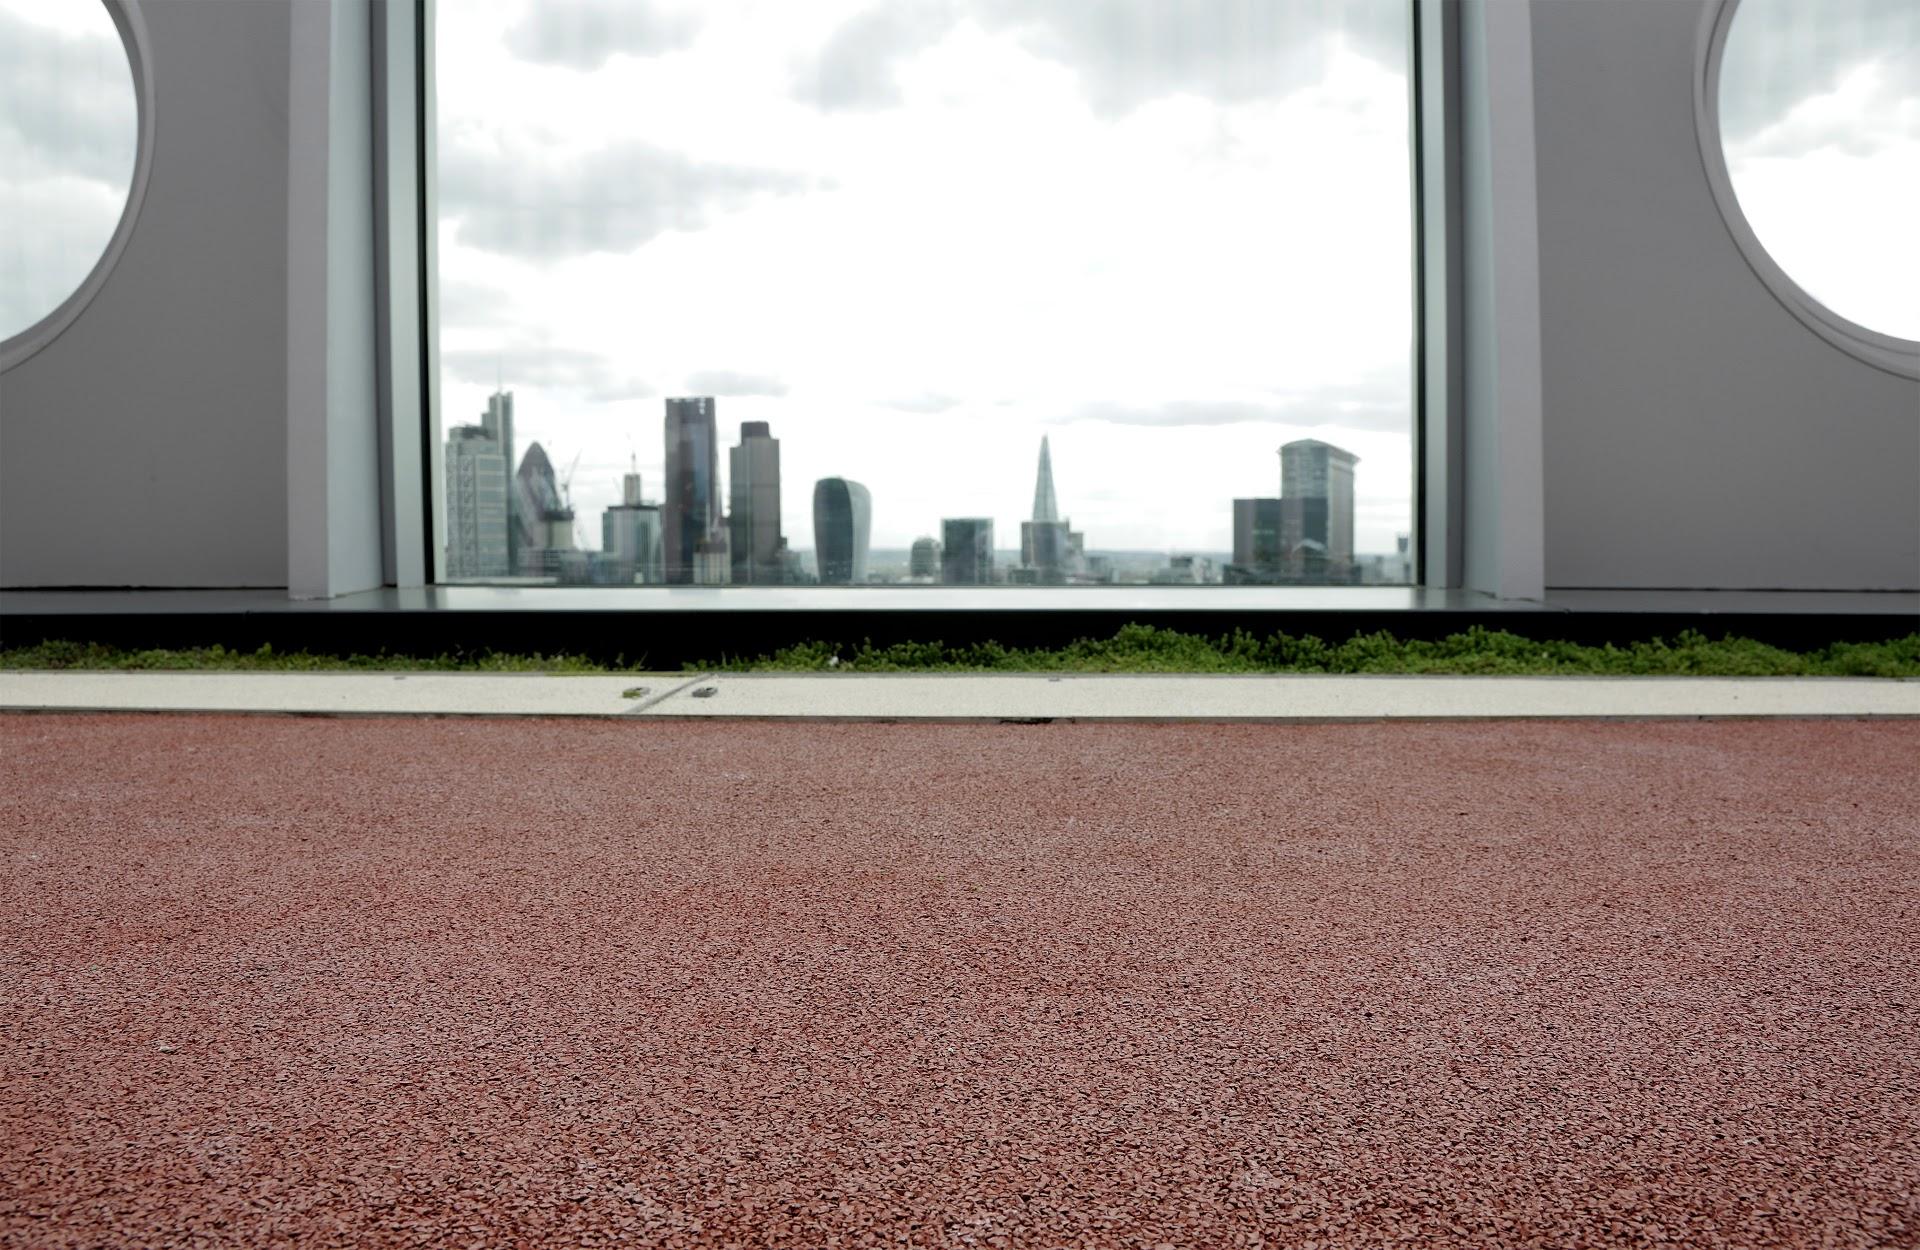 running_track_london_4.jpg